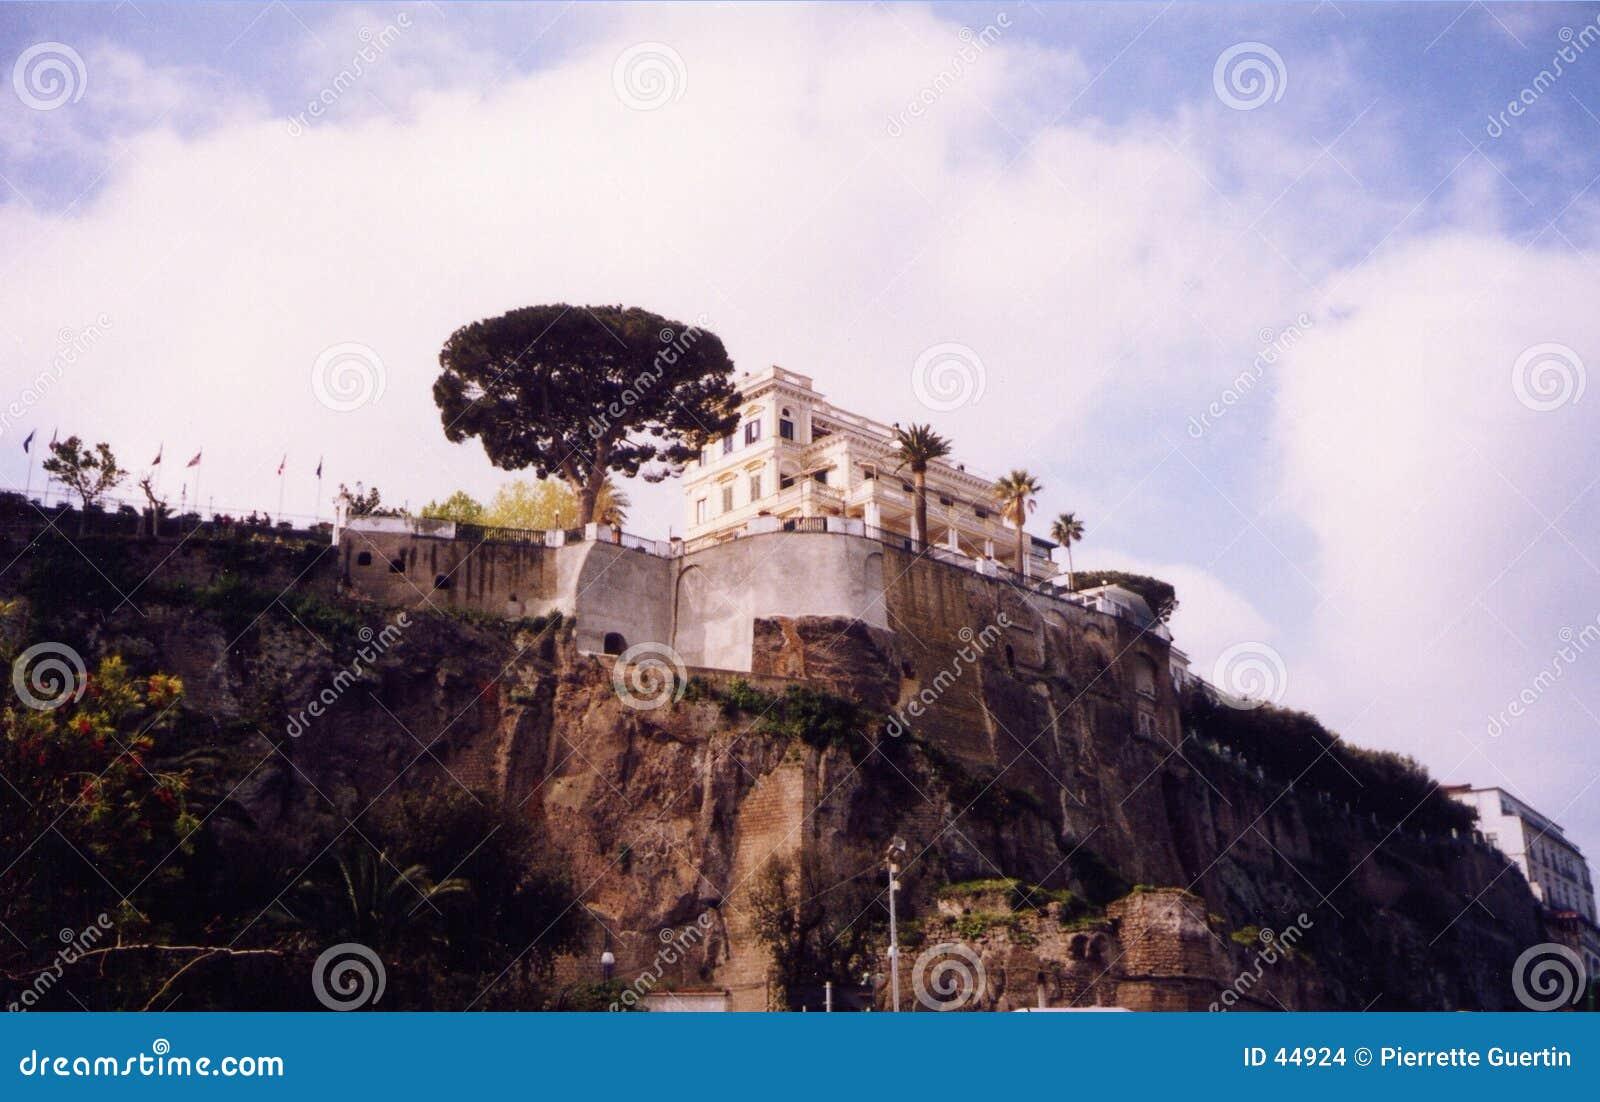 Het Eiland van Capri, Italië